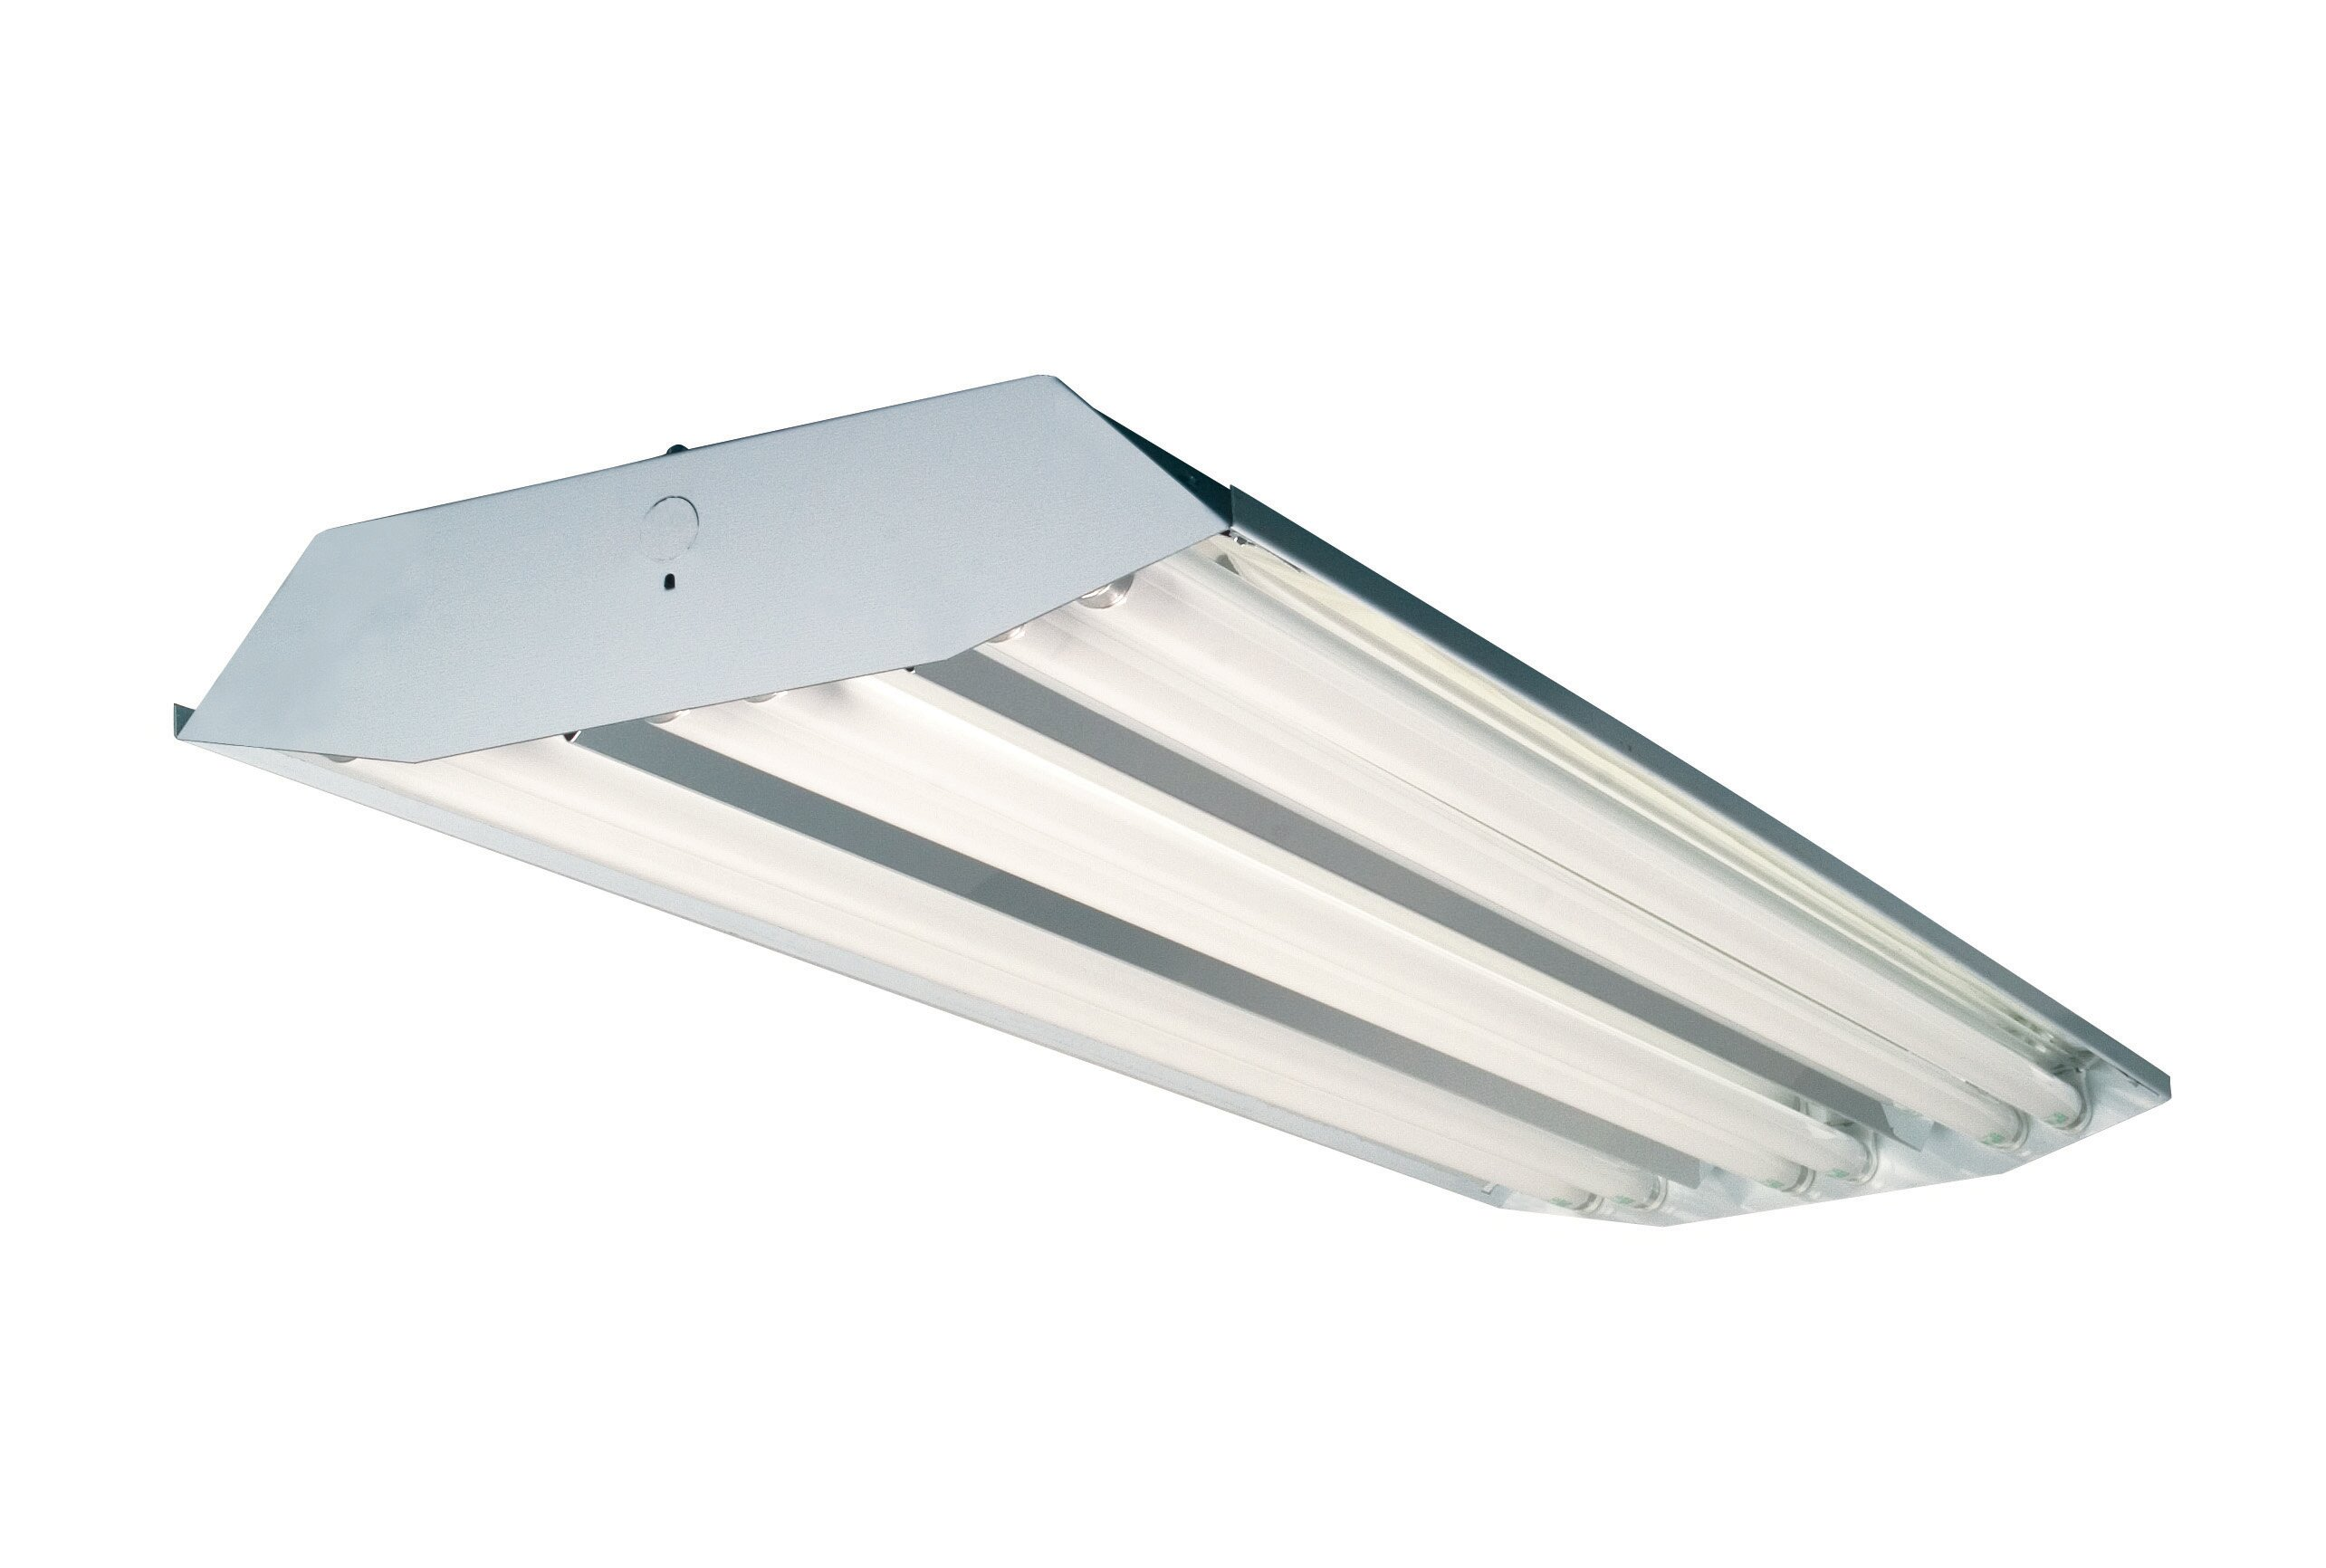 6 light high bay fluorescent light fixture with 32w t8 bulbs